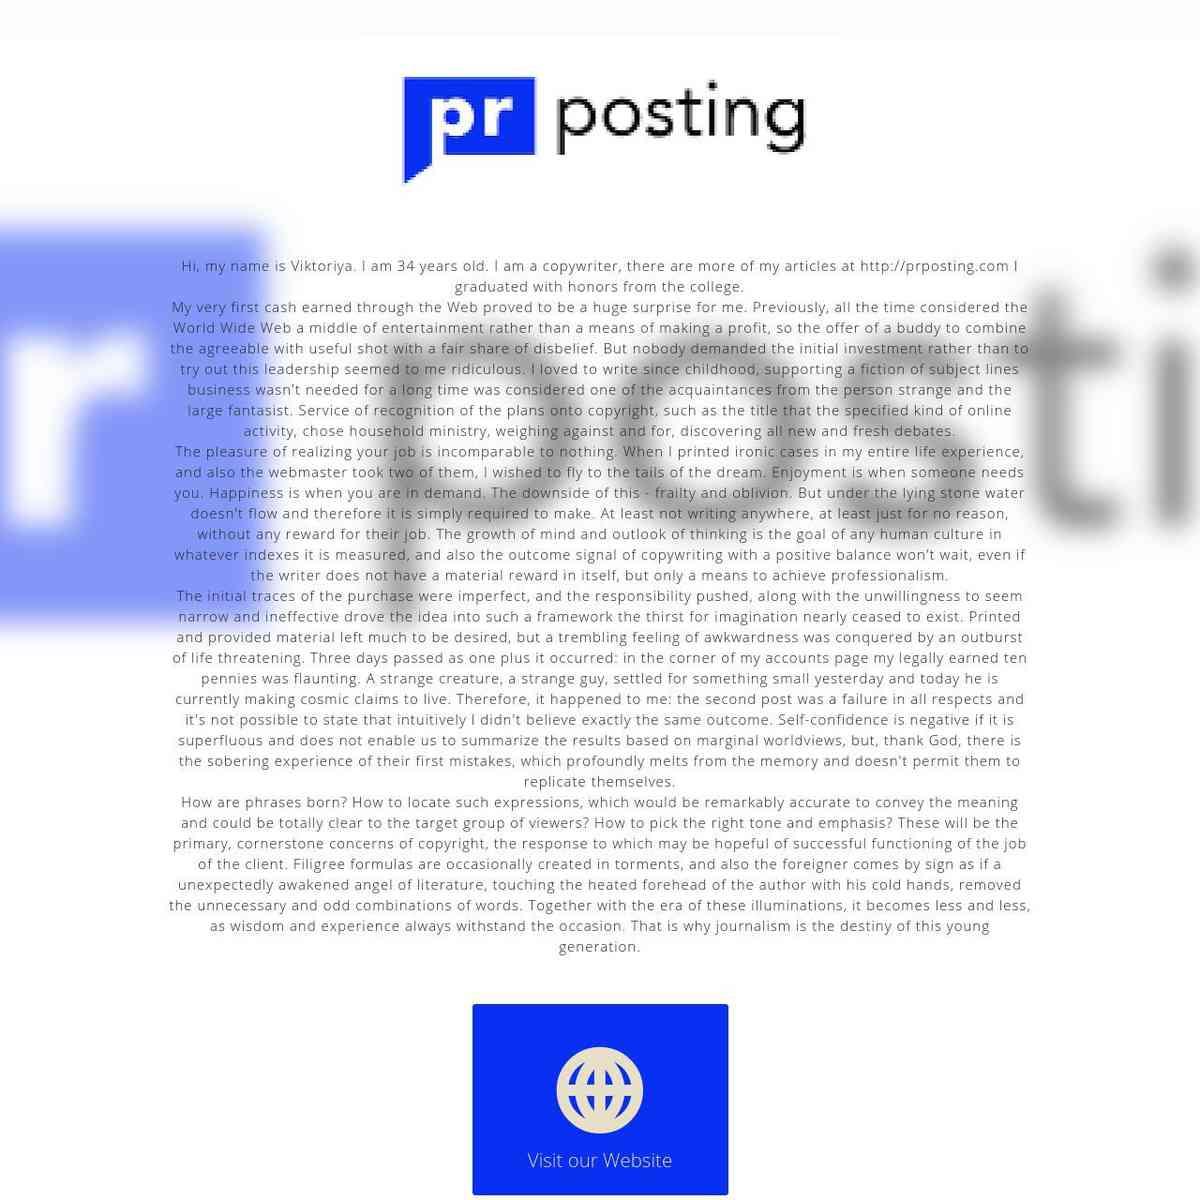 https://followus.com/prposting